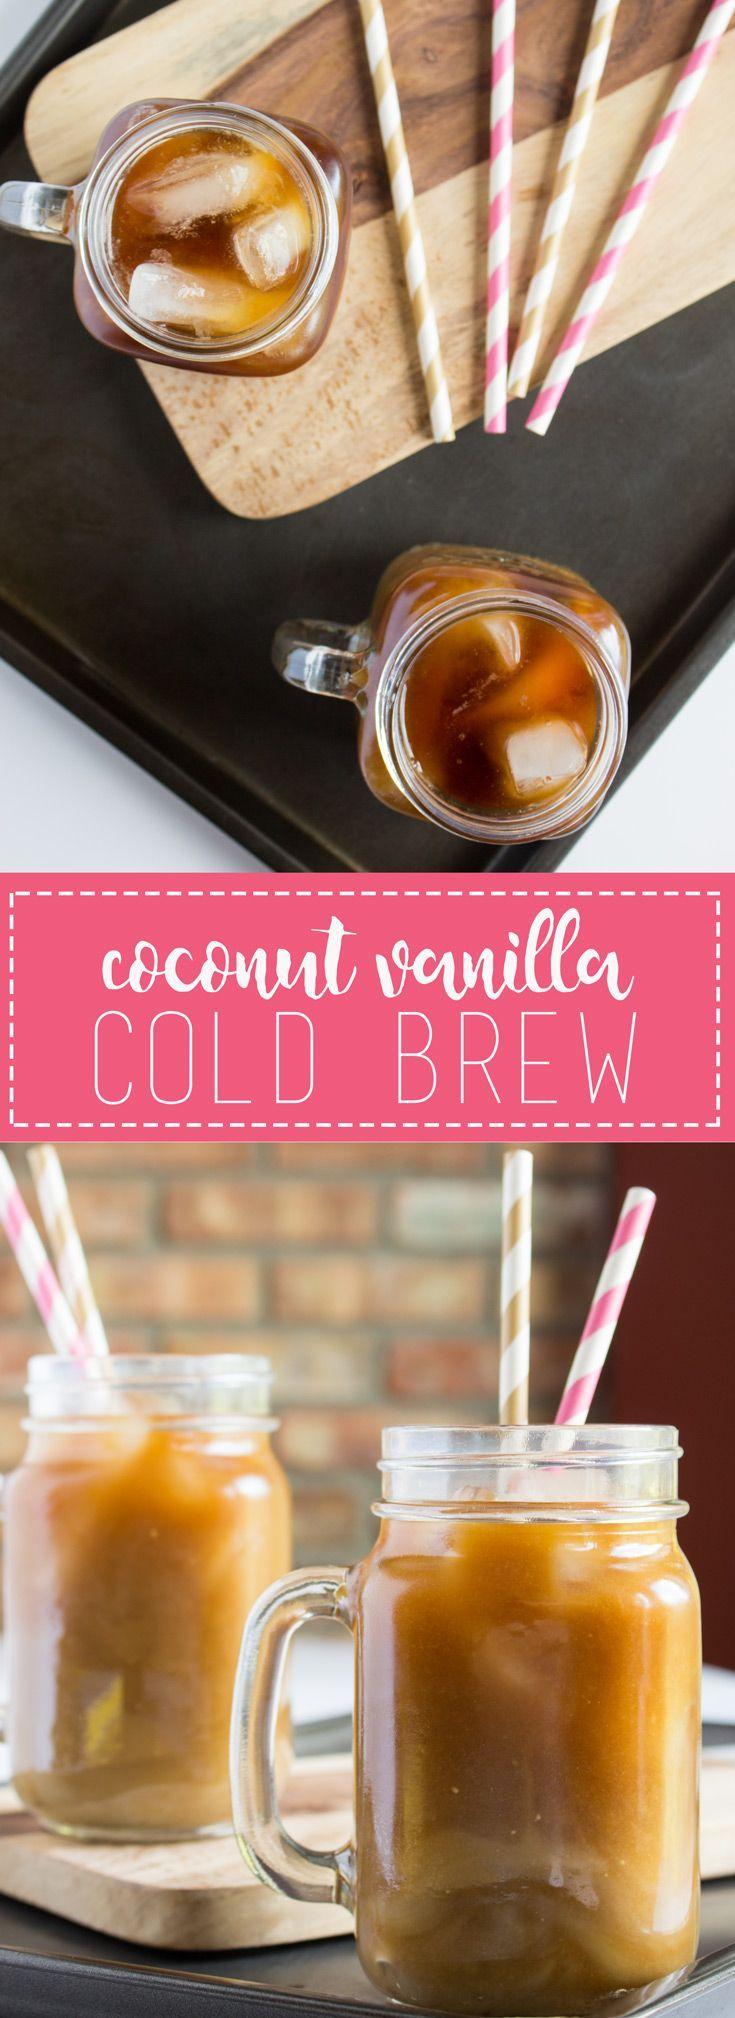 Coconut Vanilla Cold Brew Cold brew, Coffee recipes